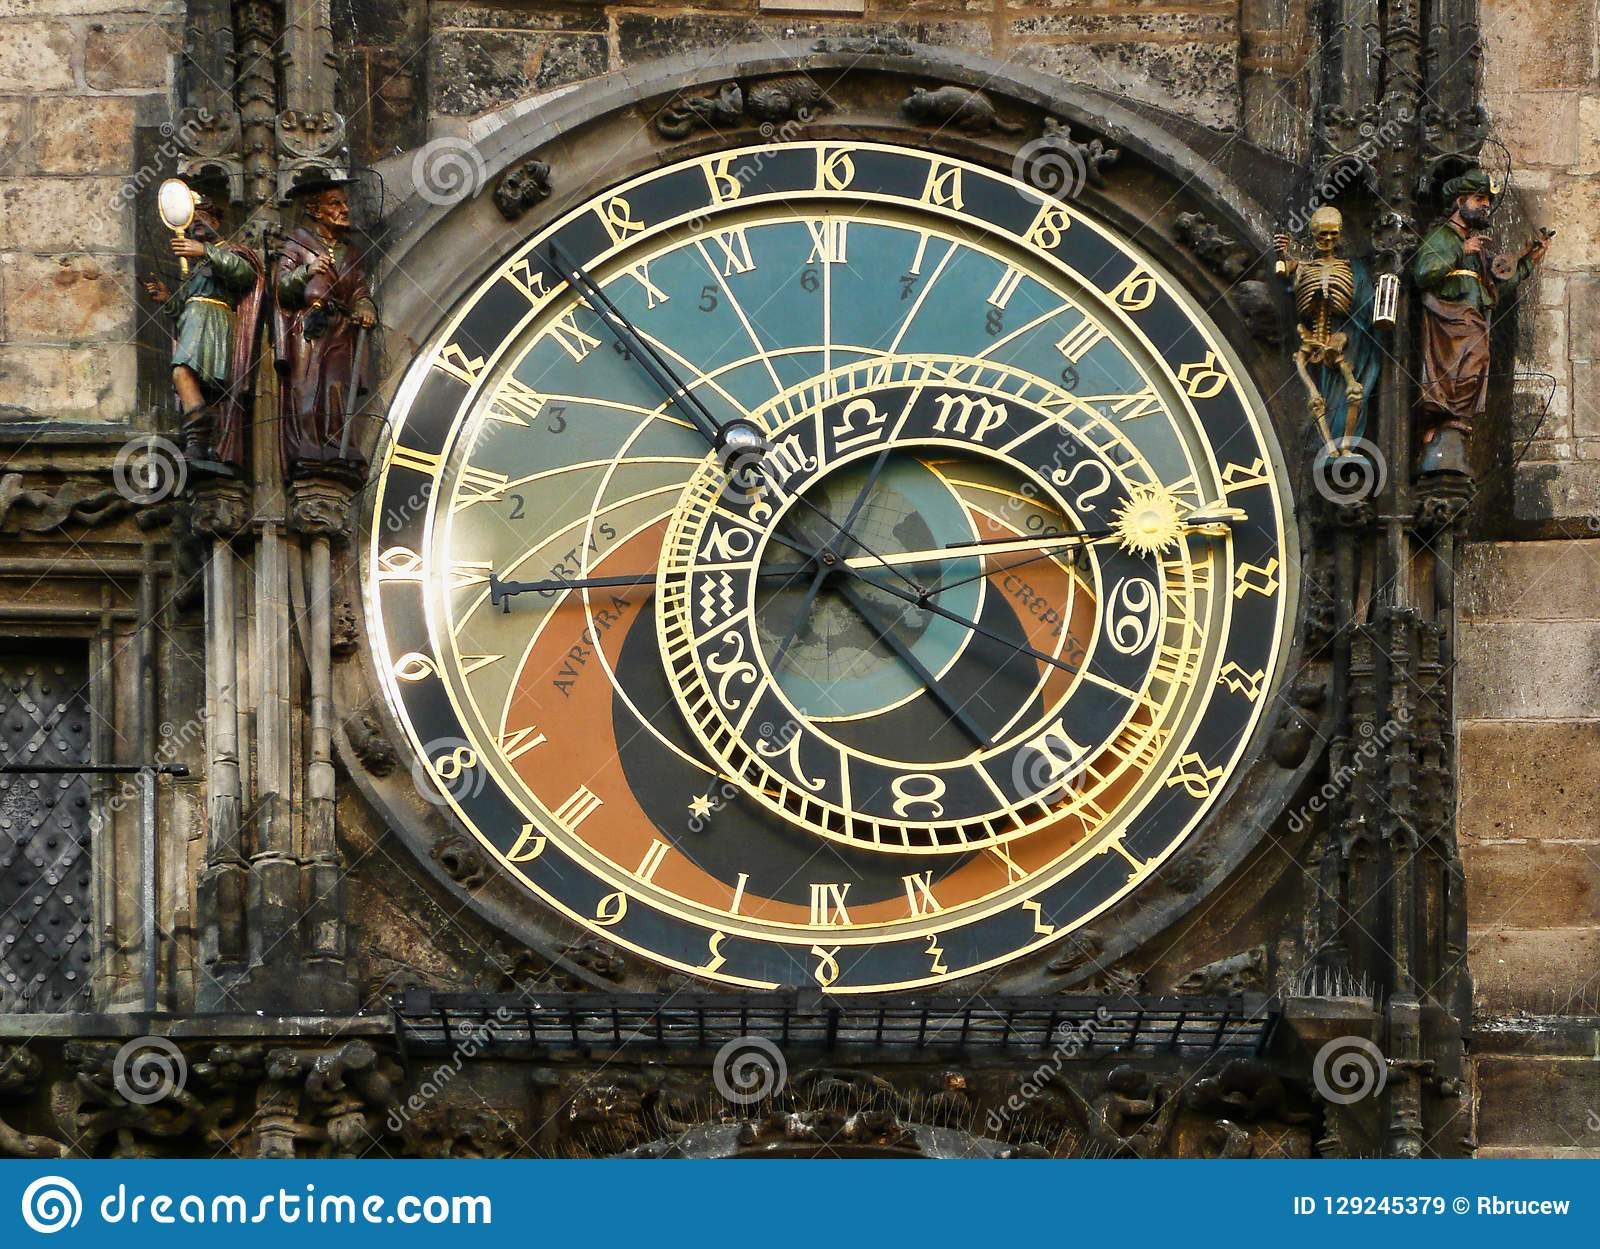 Astrologische Klokketoren, Oud Torenvierkant, Praag, Tsjechische Republiek